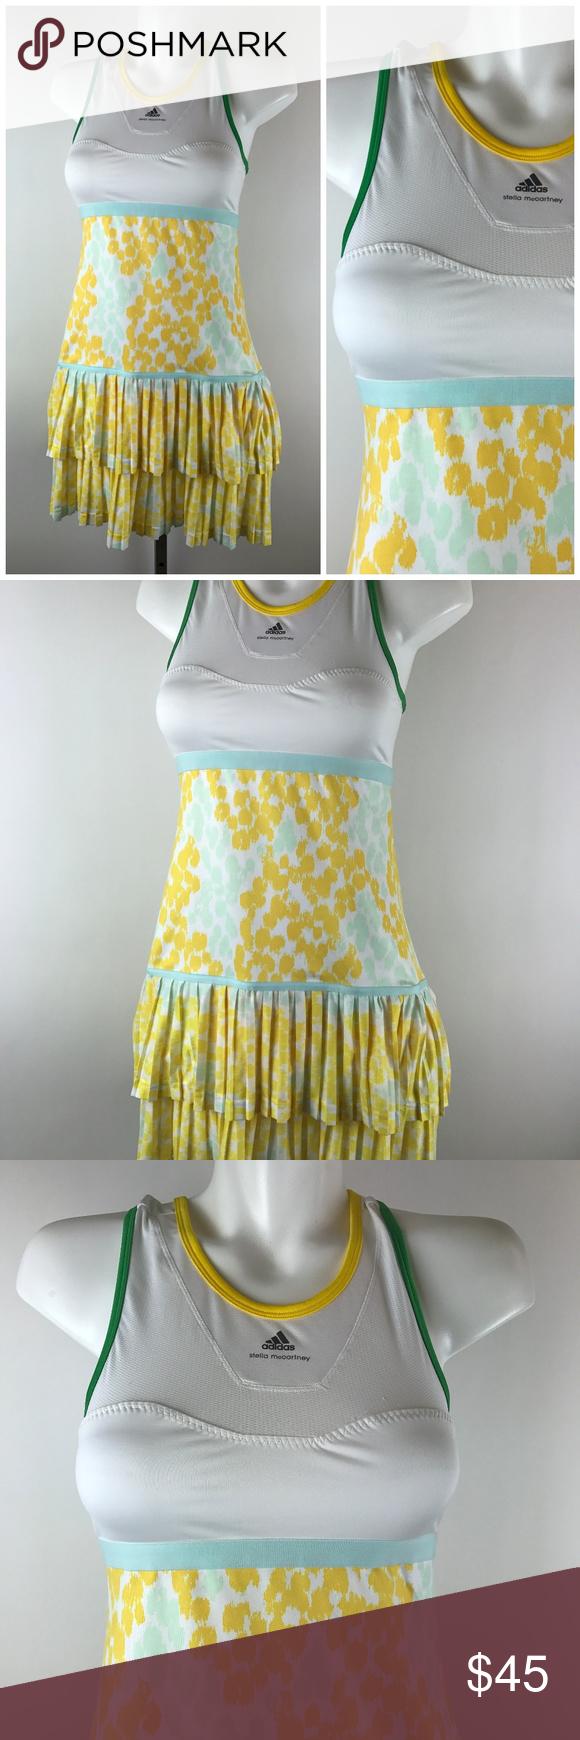 Stella McCartney Adidas Barricade Tennis Dress Stella